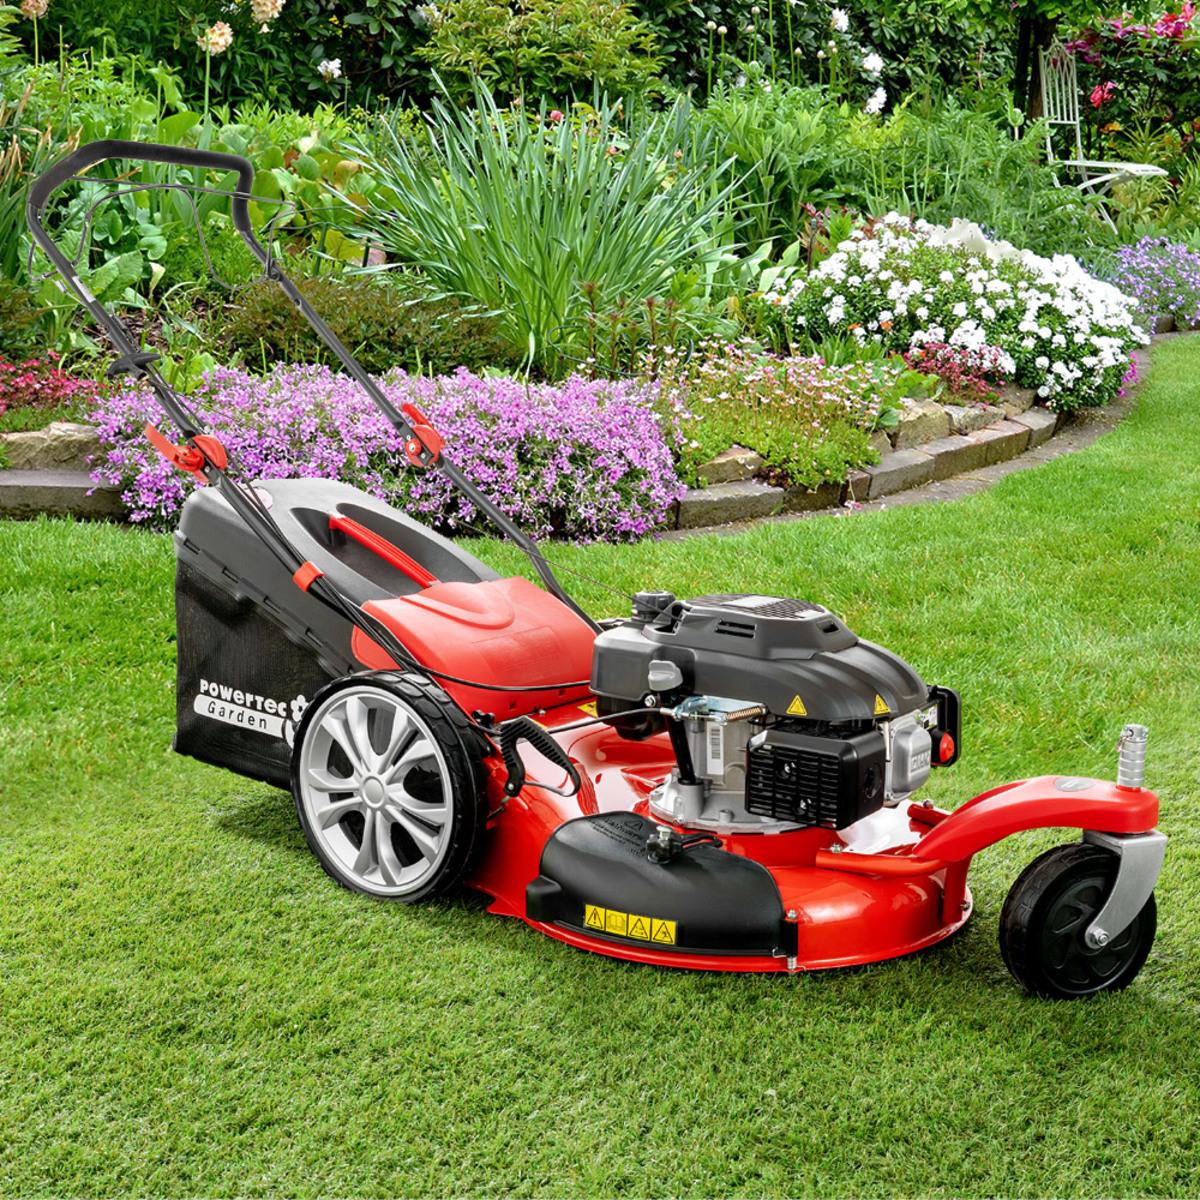 Bild 1 von Powertec Garden Benzin-Rasenmäher BW 56 Trike